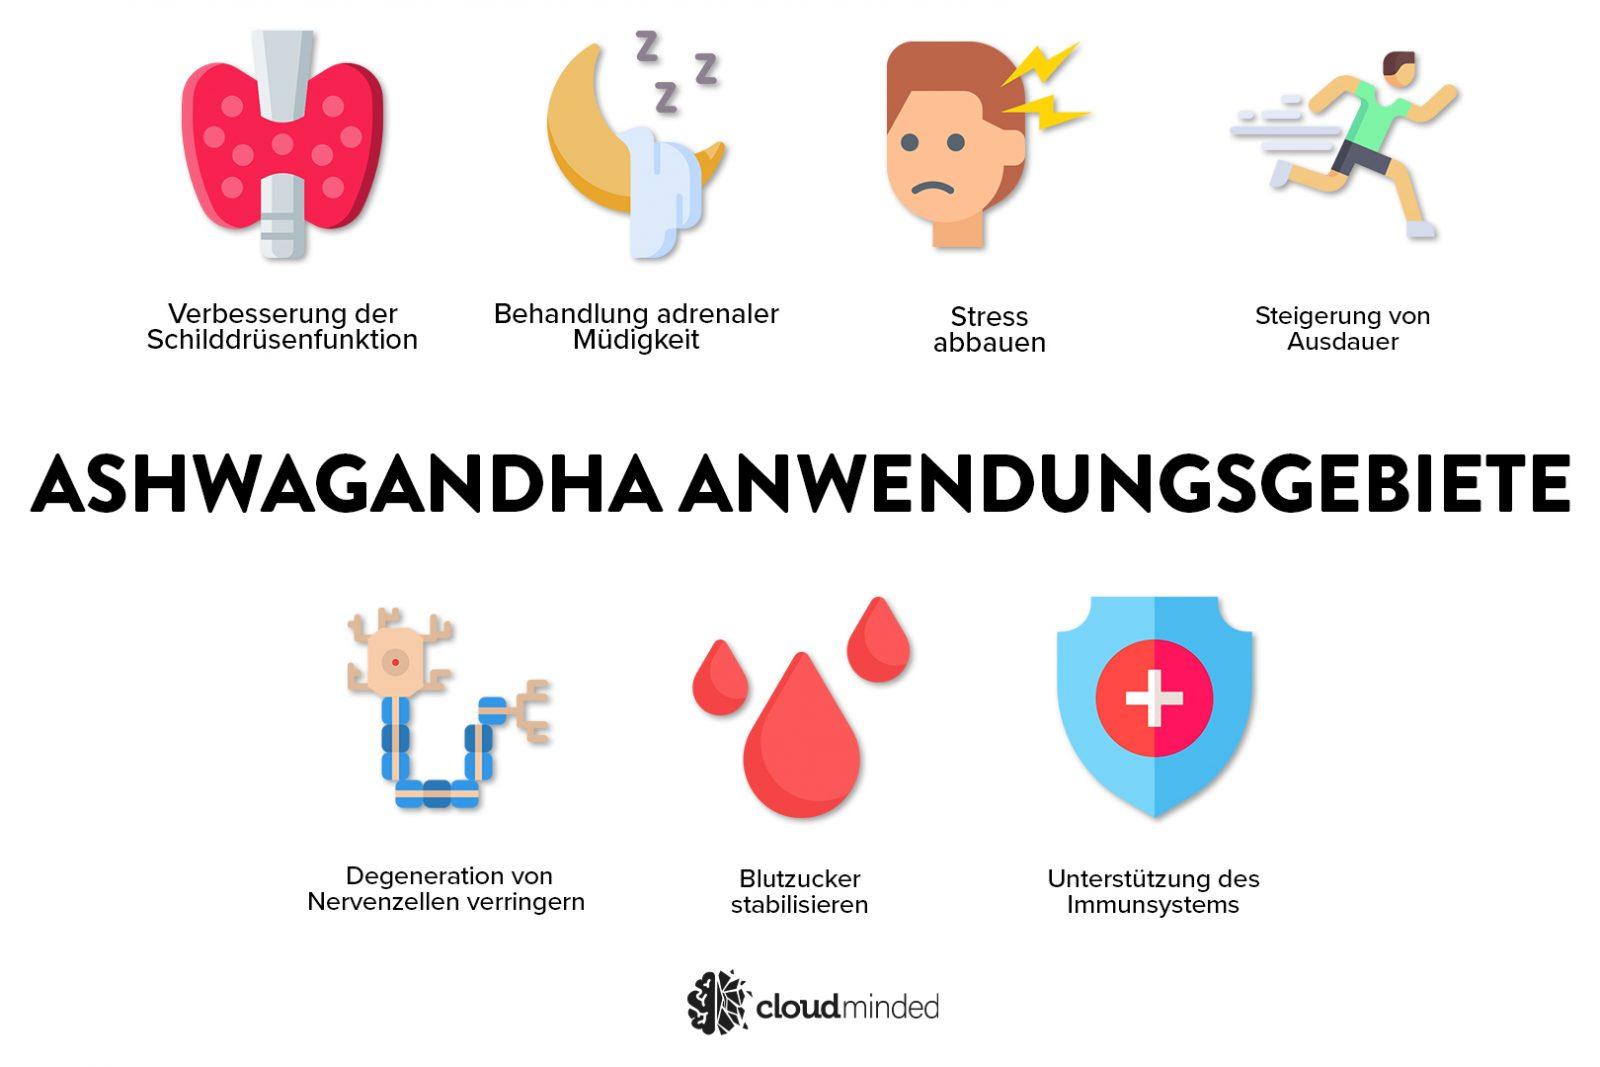 Ashwagandha Anwendungsgebiete